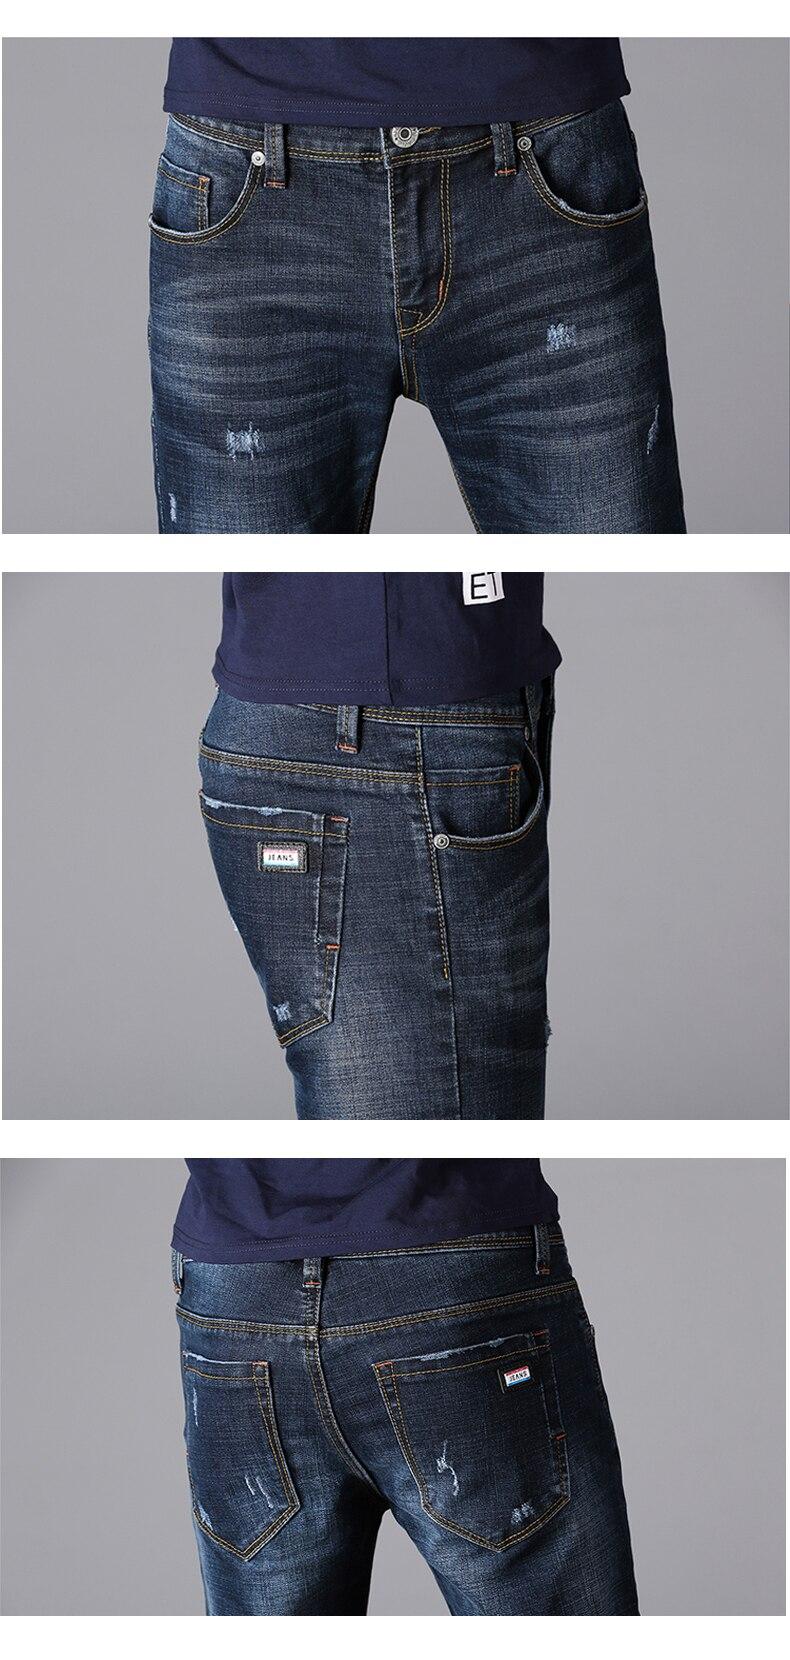 KSTUN Men Clothes 2018 Black Jeans Blue Spring Autumn Business Casual Slim Fit Elasticity Denim